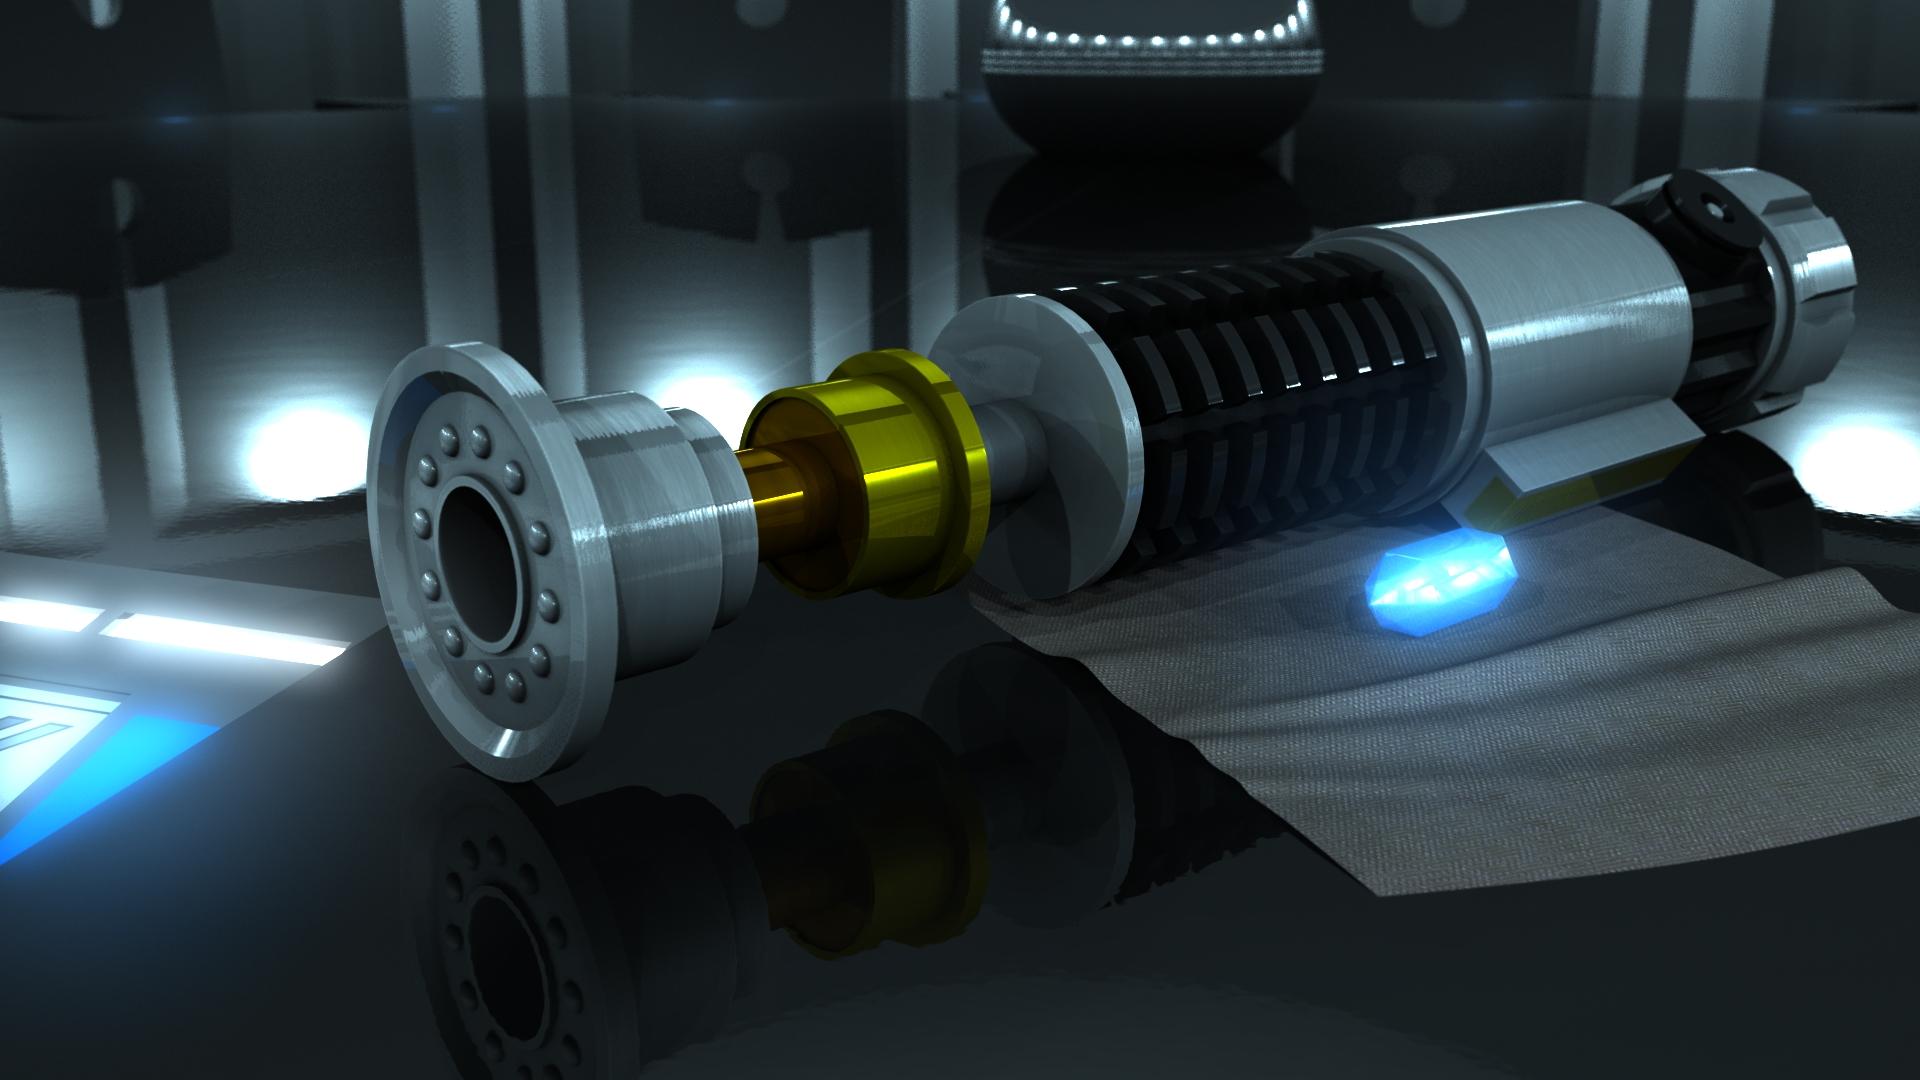 Obi-Wans Kenobis Lightsaber